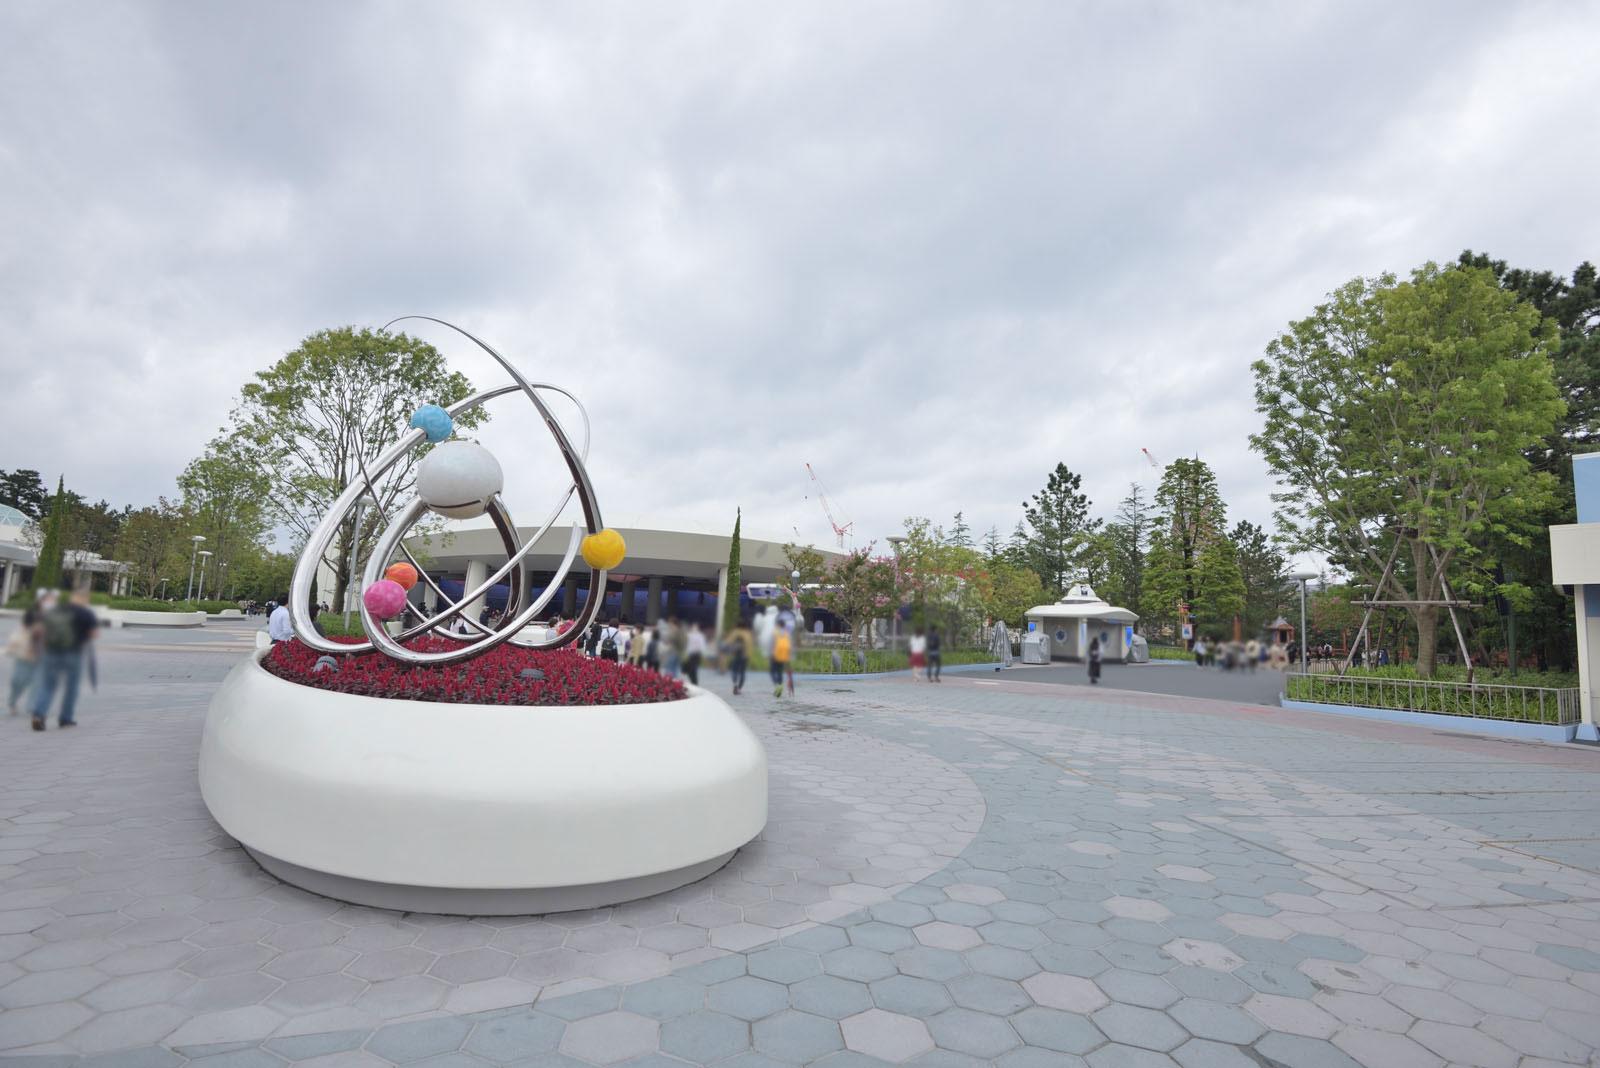 東京ディズニーランド 新エリア ベイマックスのハッピーライド